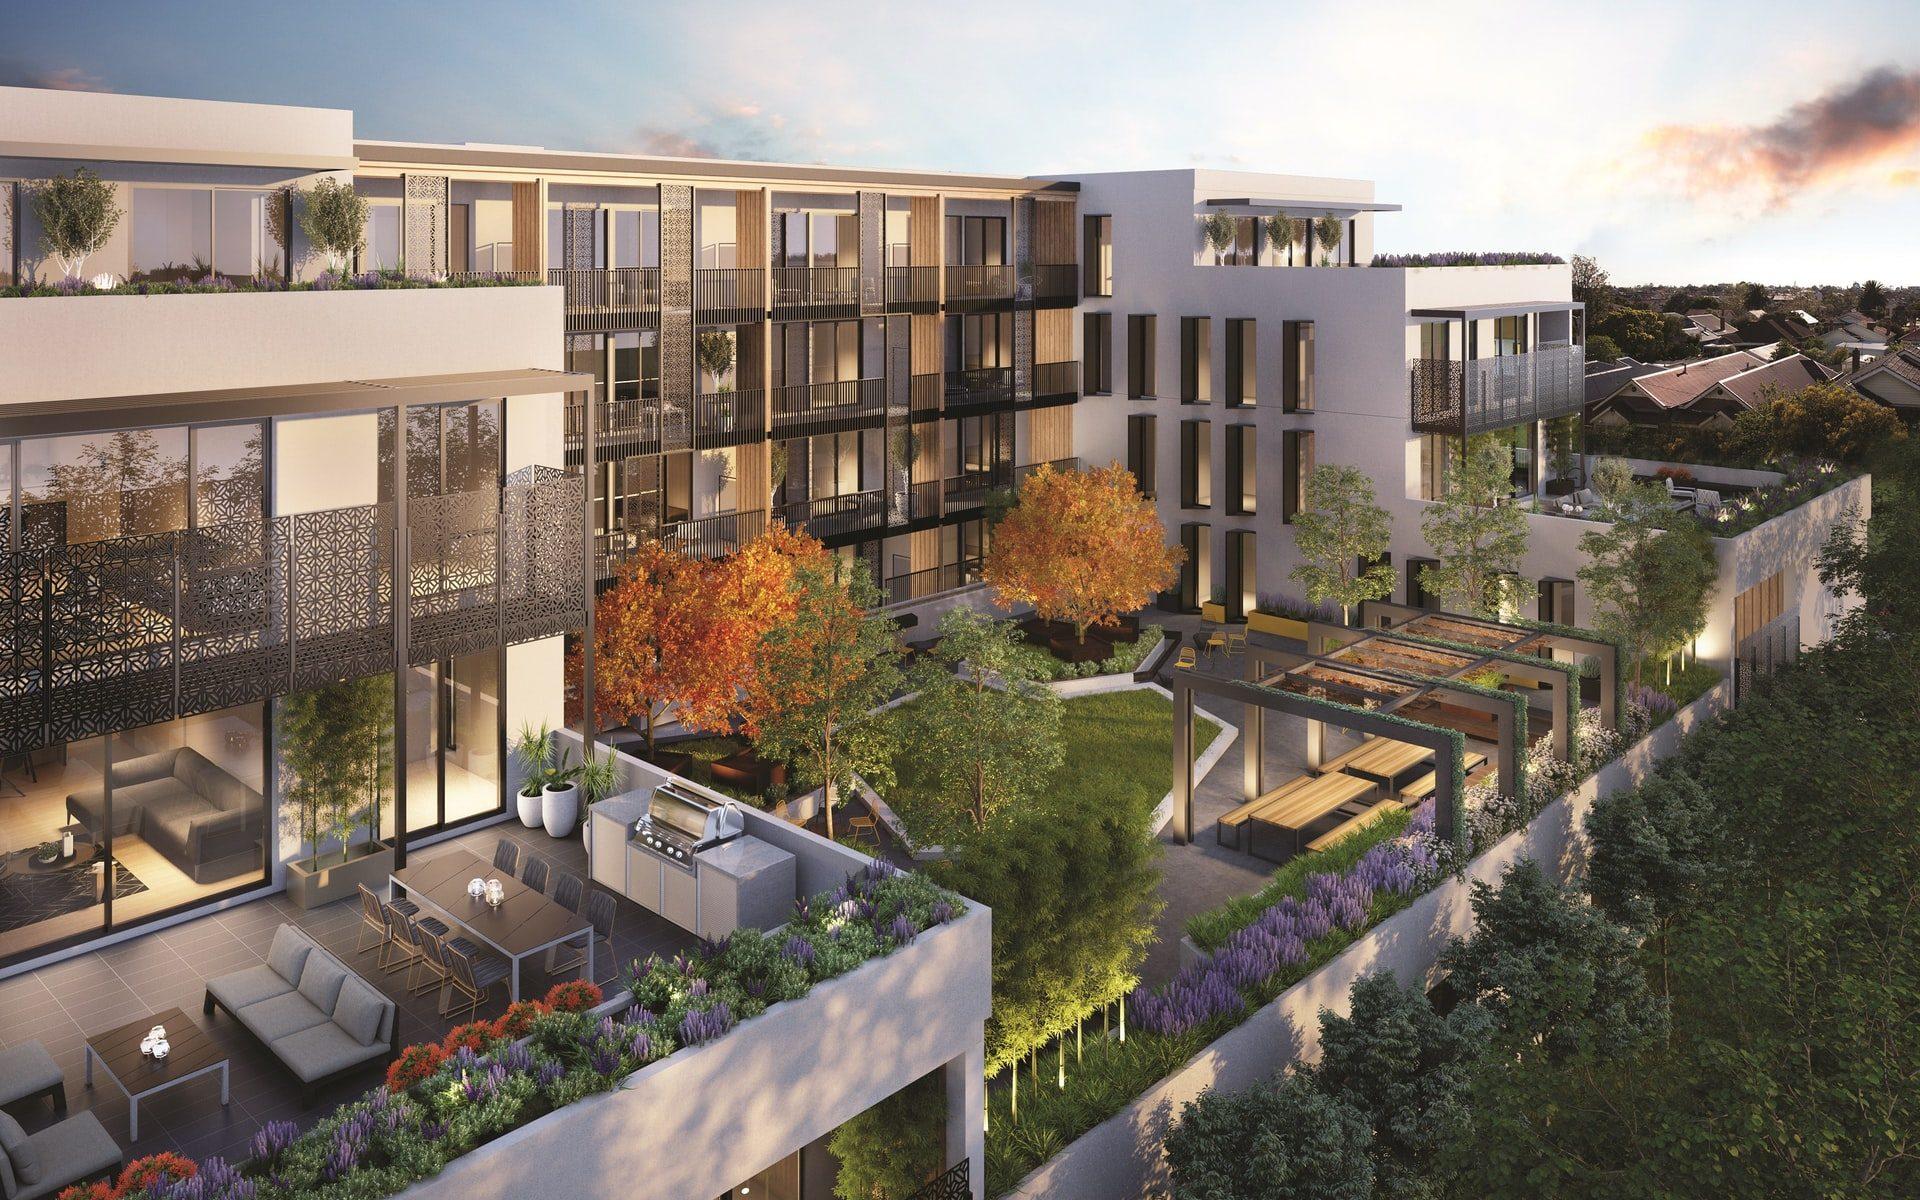 Ioannis Moraitis über die Preisentwicklung auf dem Immobilienmarkt